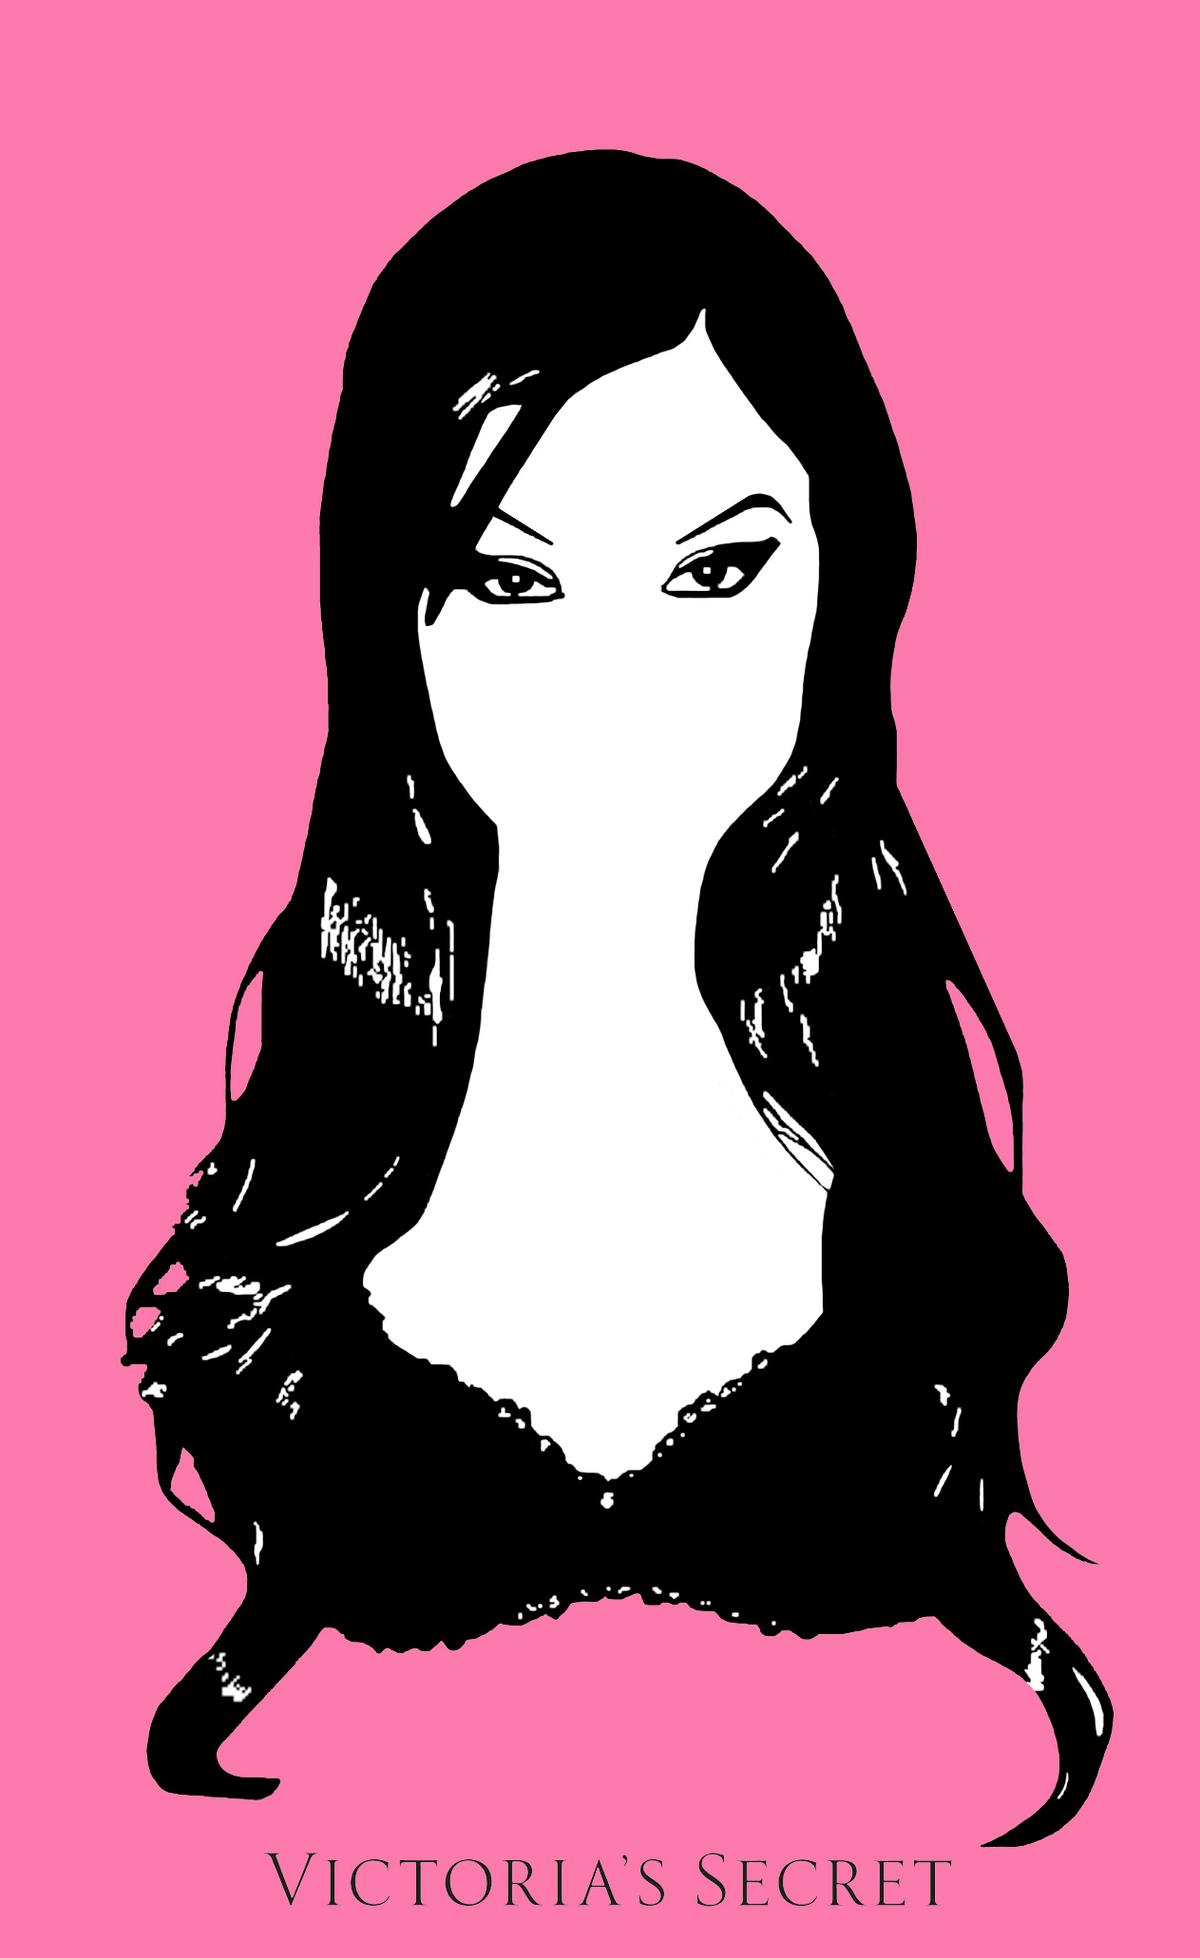 Victoria's Secret - Amateur Model